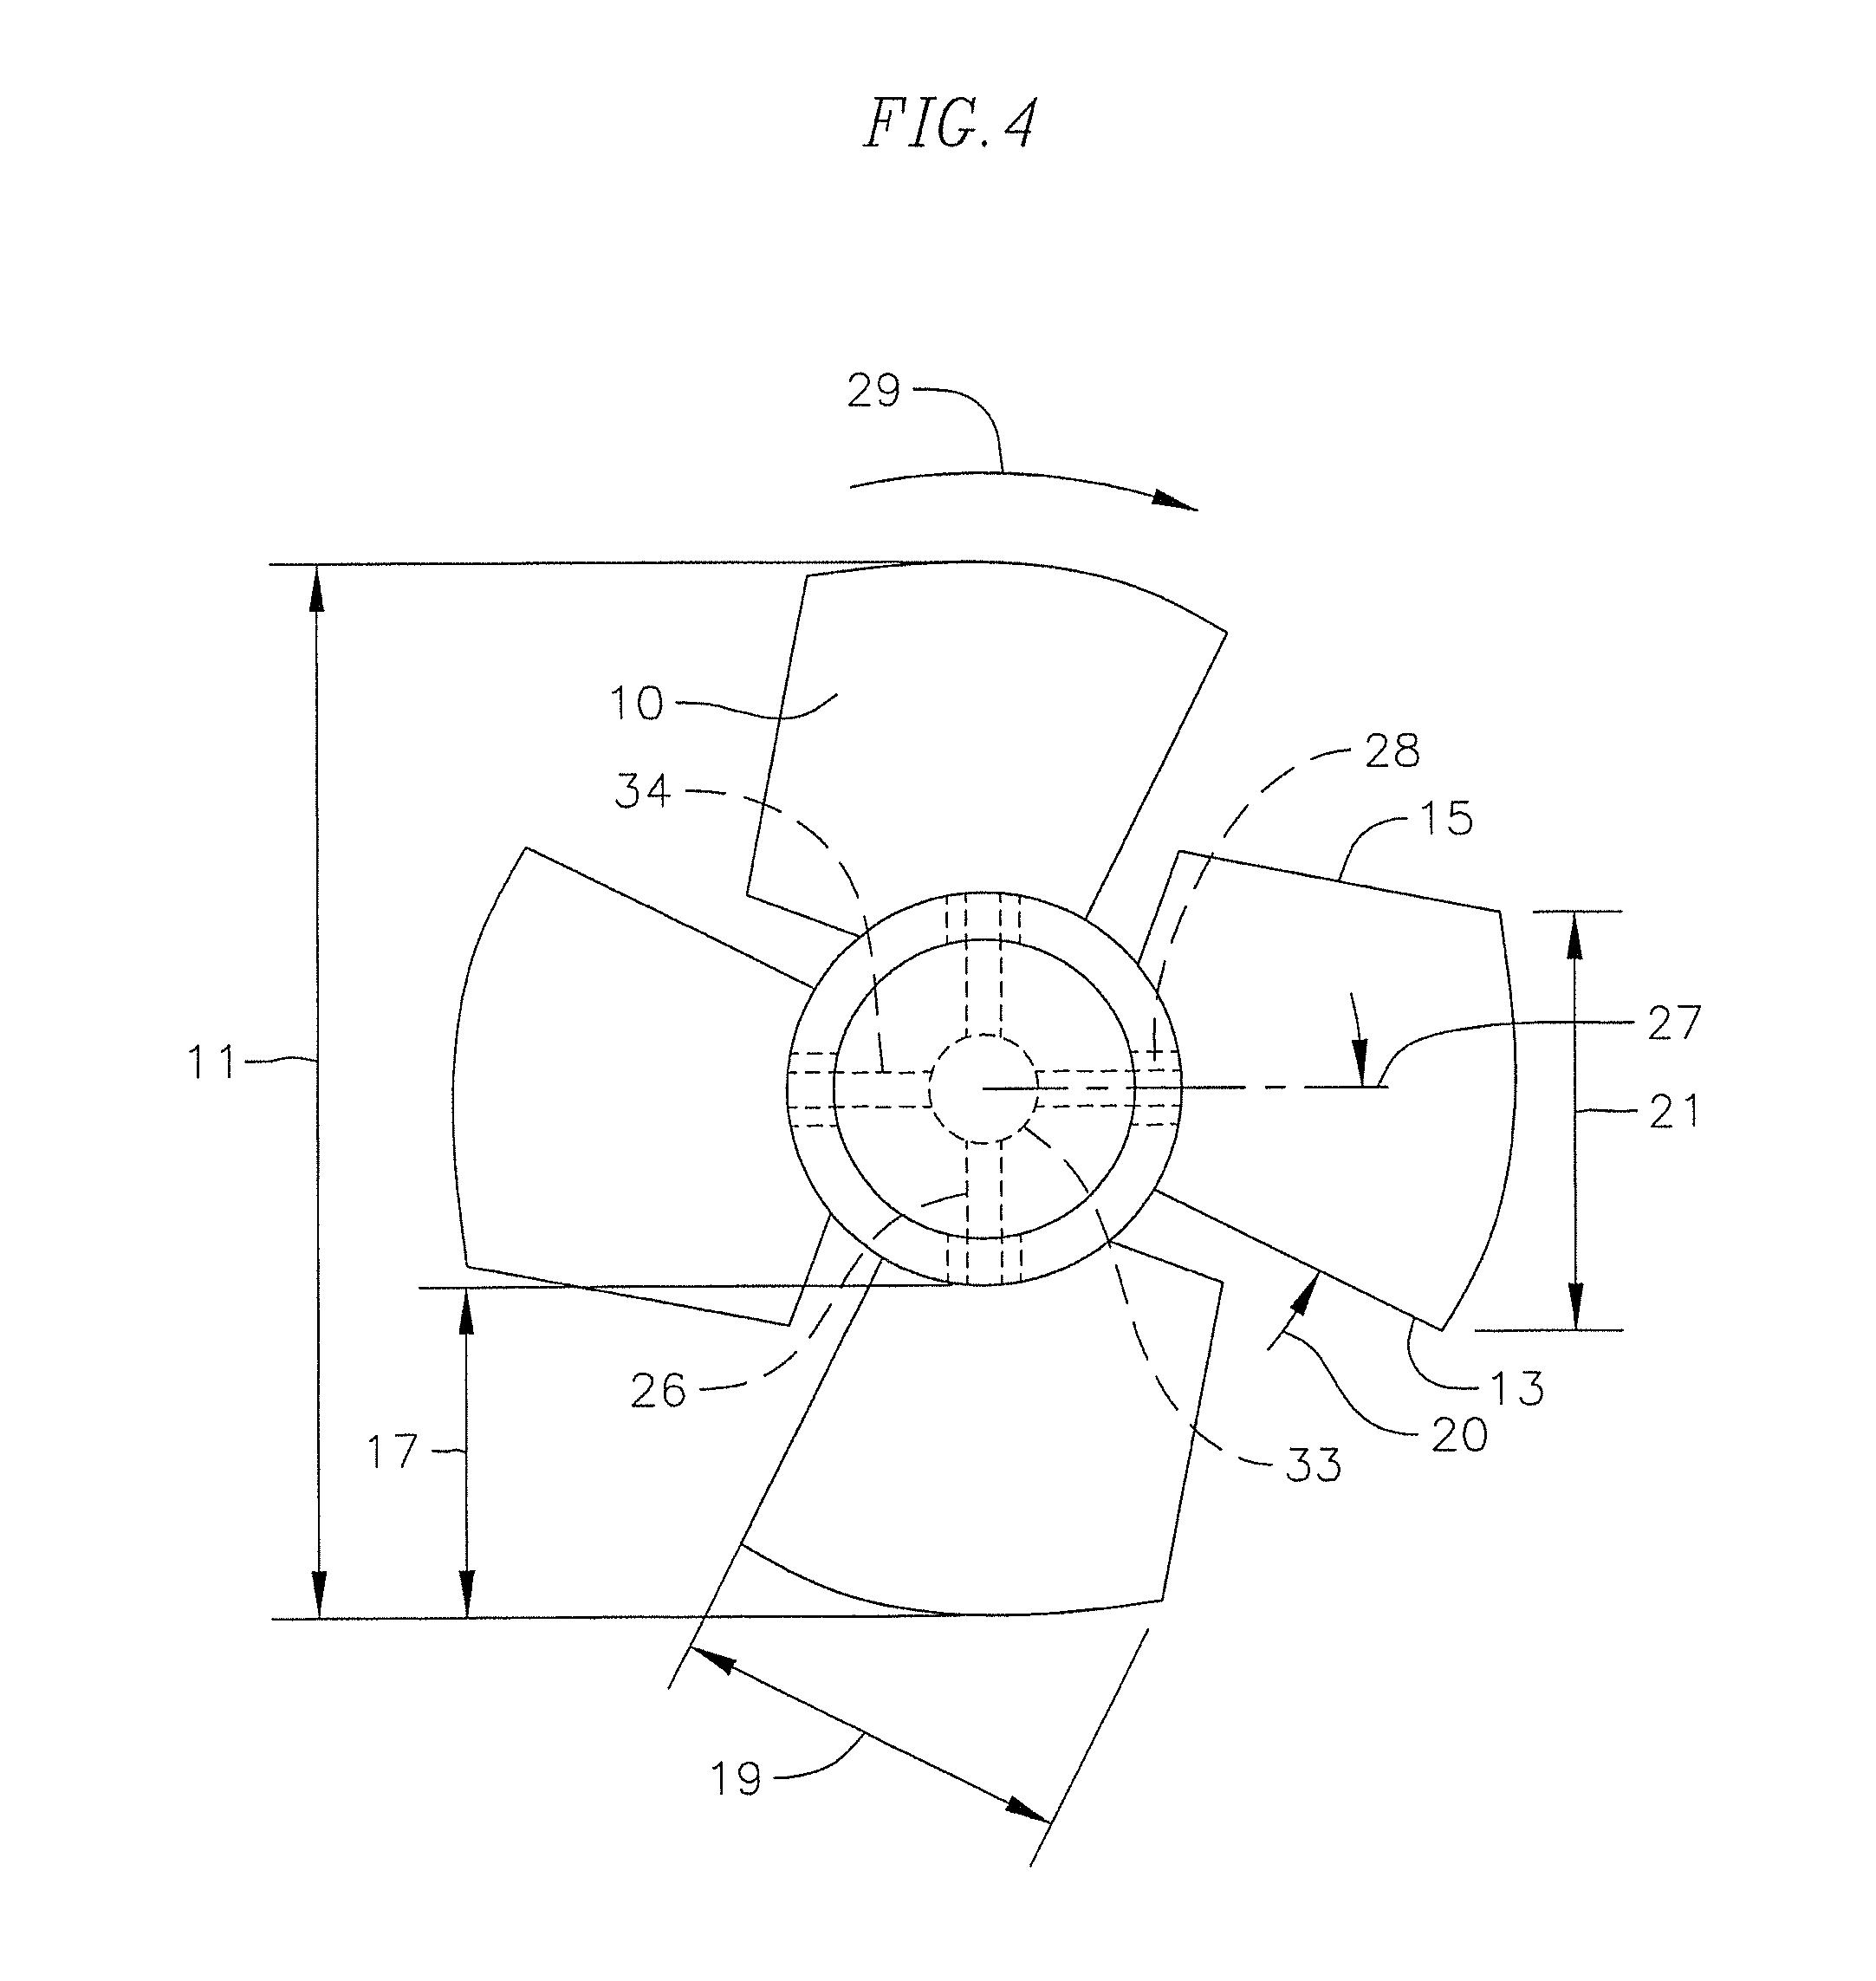 Fan Blade Drawing : Patent us super low noise fan blades axial flow